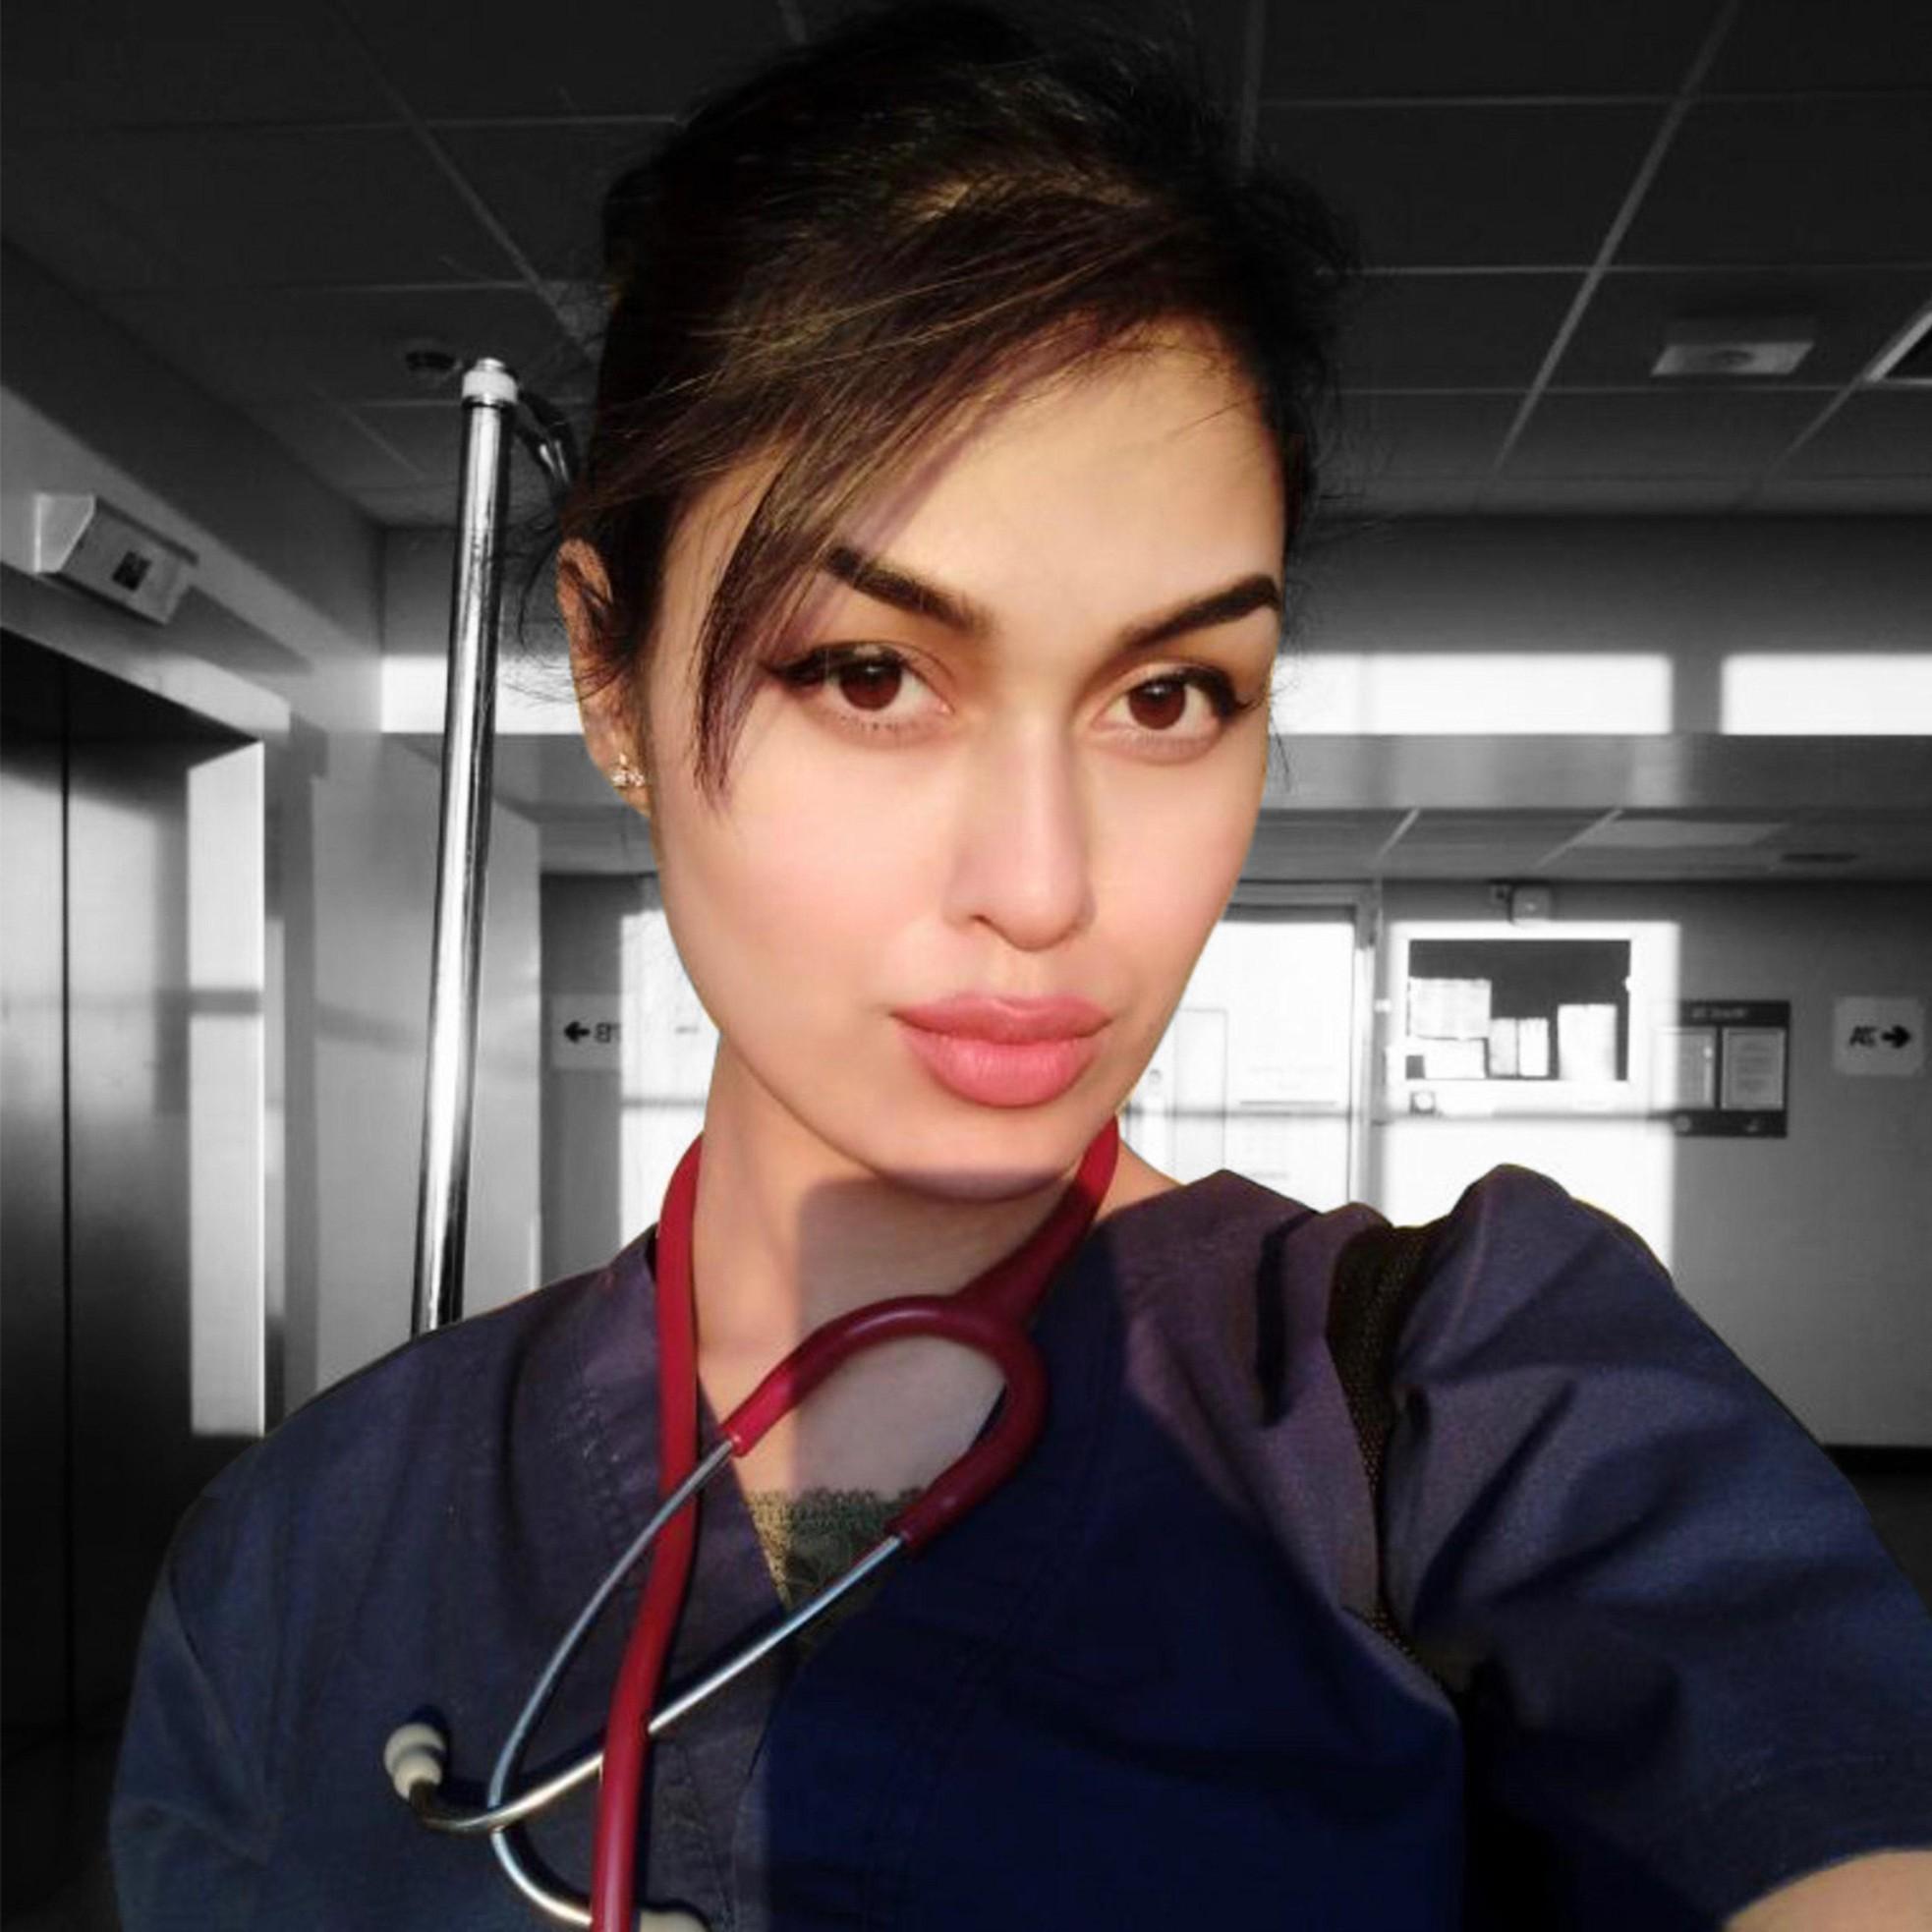 Nhan sắc hoa hậu Anh có IQ 'khủng', từng 'cất vương miện' để làm bác sĩ chống COVID-19 ảnh 7